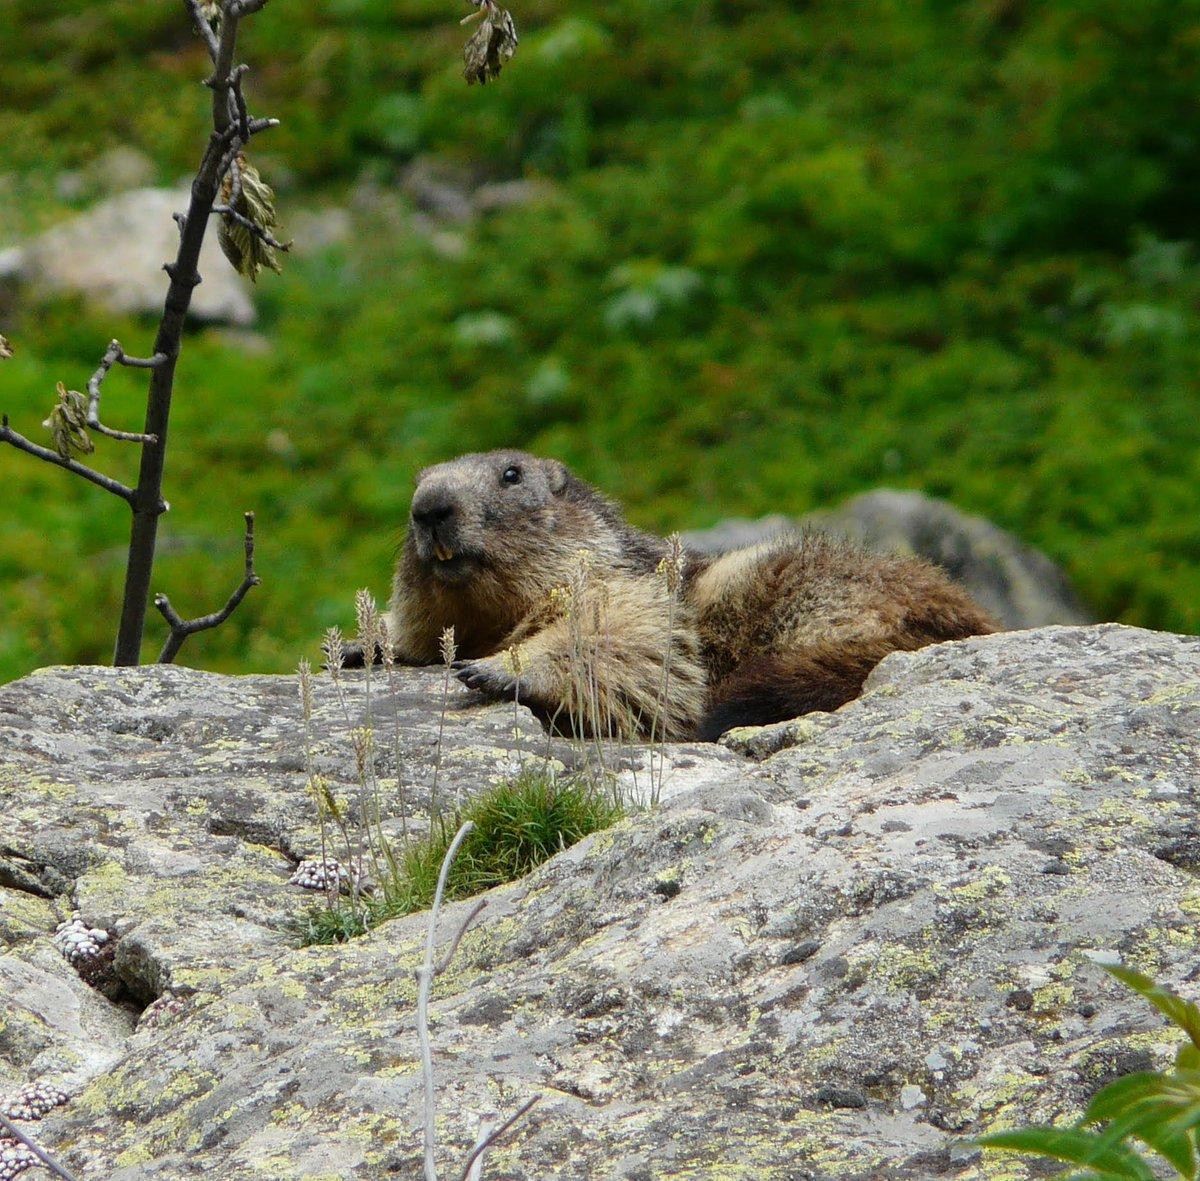 Rencontre avec les reines de la montagne 🤩 qui fait bronzette? #marmottes #frenchalps #france #nature #hiking #photography #photooftheday #alpes #mountains #picoftheday #naturelovers #naturephotography #landscape #adventure #outdoor #montagne #rando #paysage #alpesfrancaises https://t.co/Zdf98RckvN